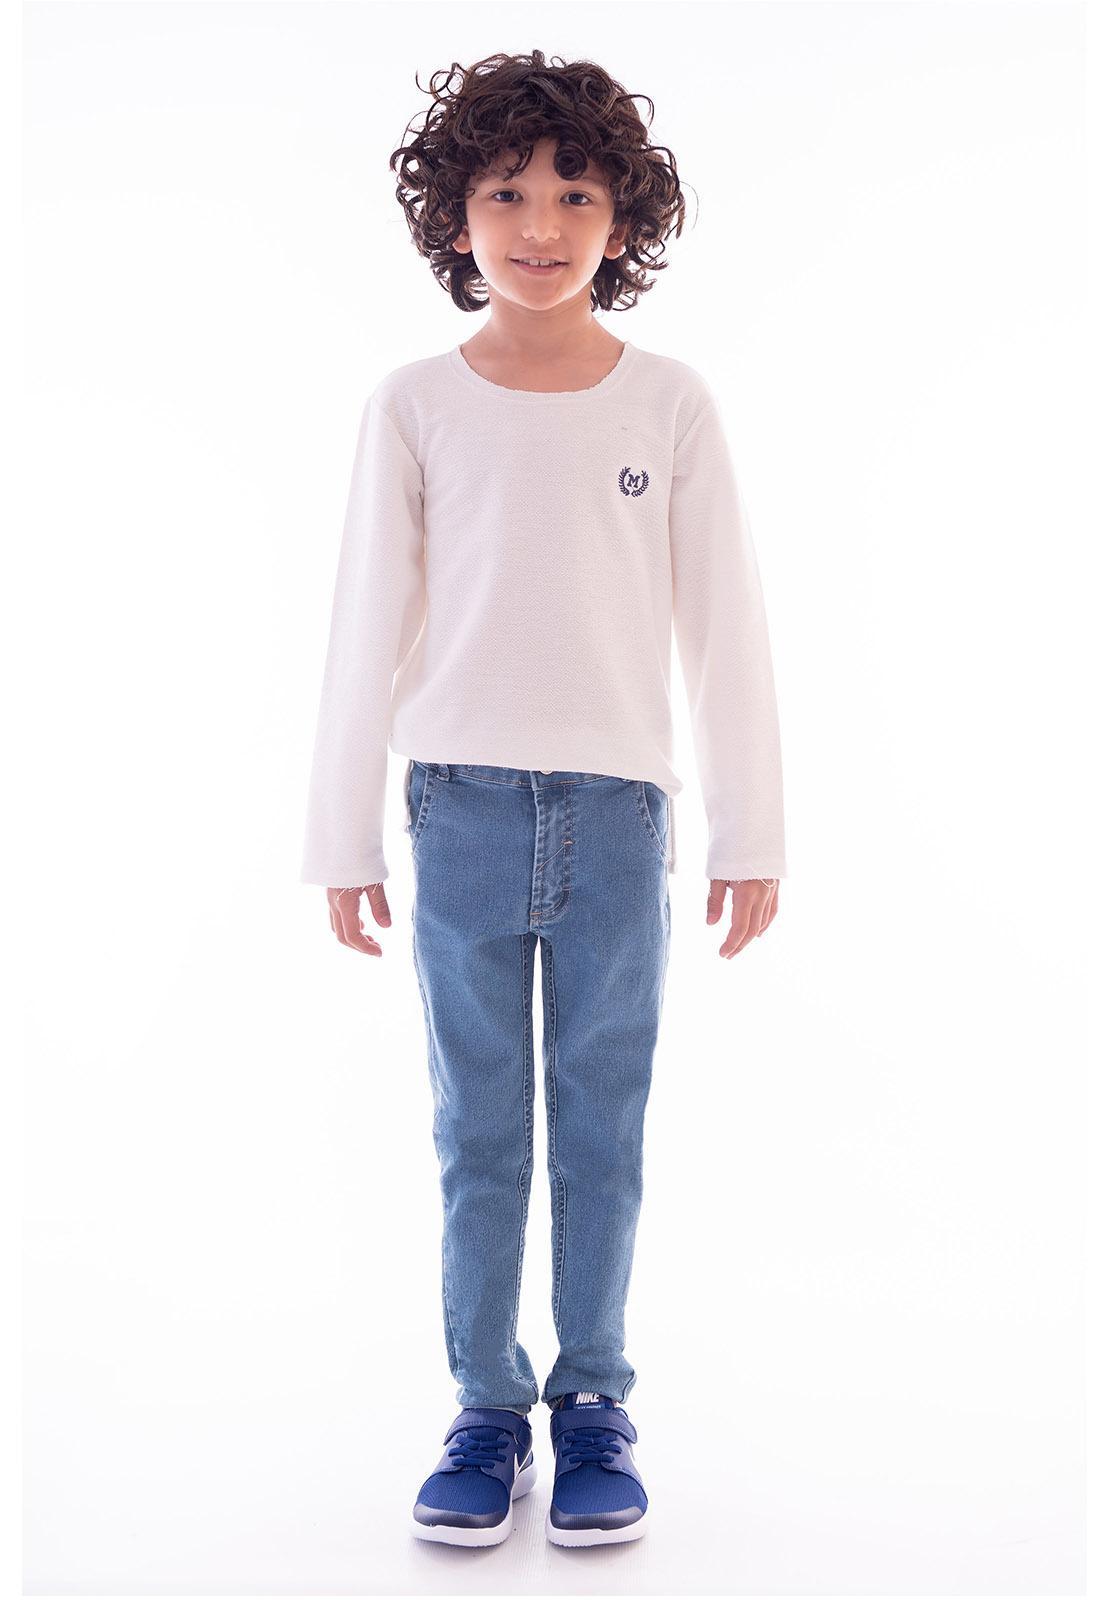 Calça Jeans com Elastano para Menino Ref. 508